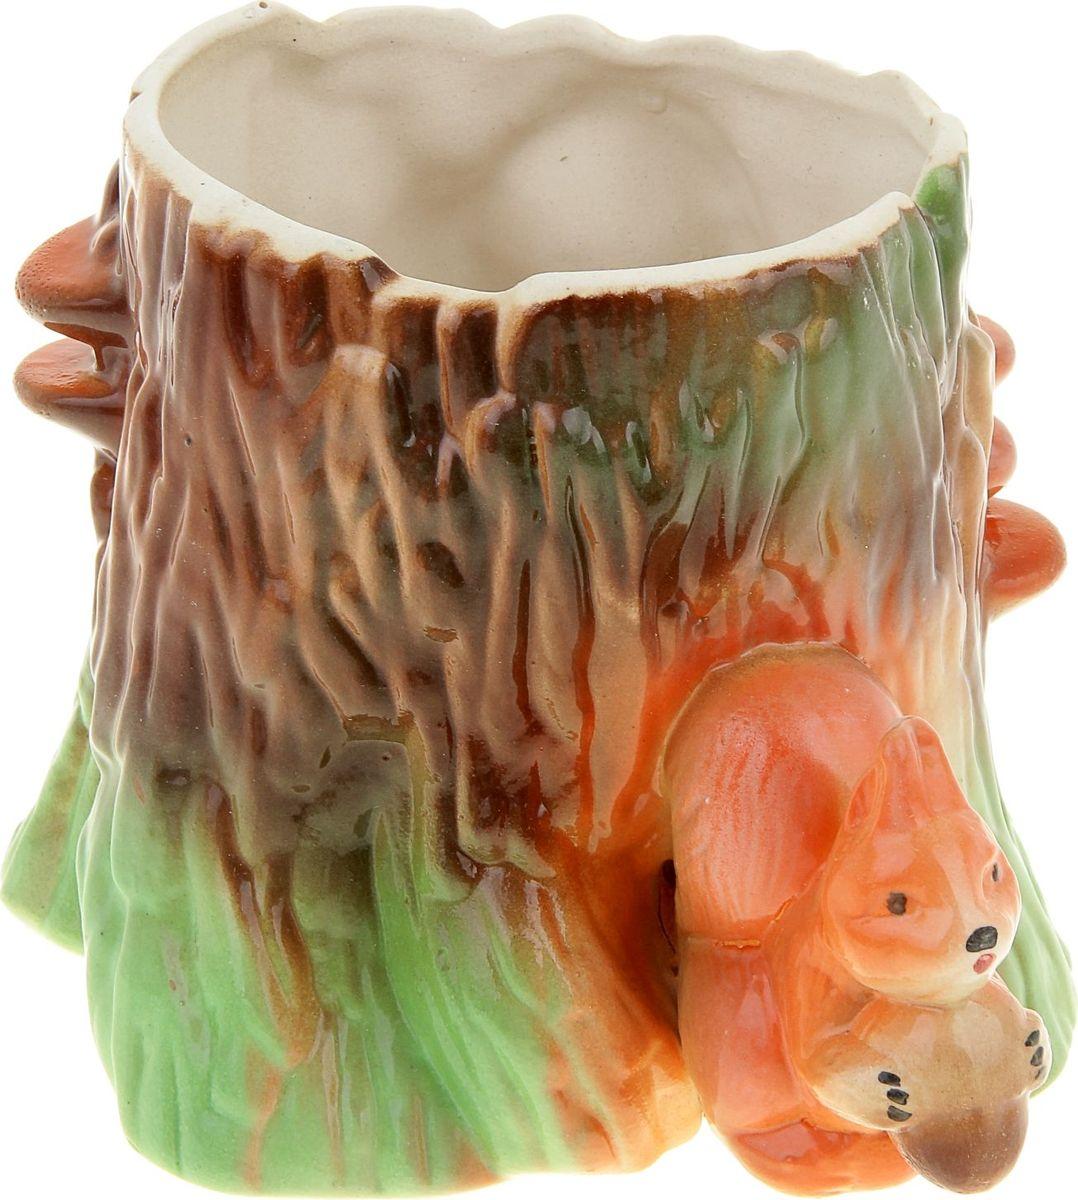 Кашпо Керамика ручной работы Пень и белка, 1,5 л835426Декоративное кашпо, выполненное из высококачественной керамики, предназначено для посадки декоративных растений и станет прекрасным украшением для дома. Пористый материал позволяет испаряться лишней влаге, а воздух, необходимый для дыхания корней, проникает сквозь керамические стенки. Фигурное кашпо украсит окружающее пространство и подчеркнет его оригинальный стиль.